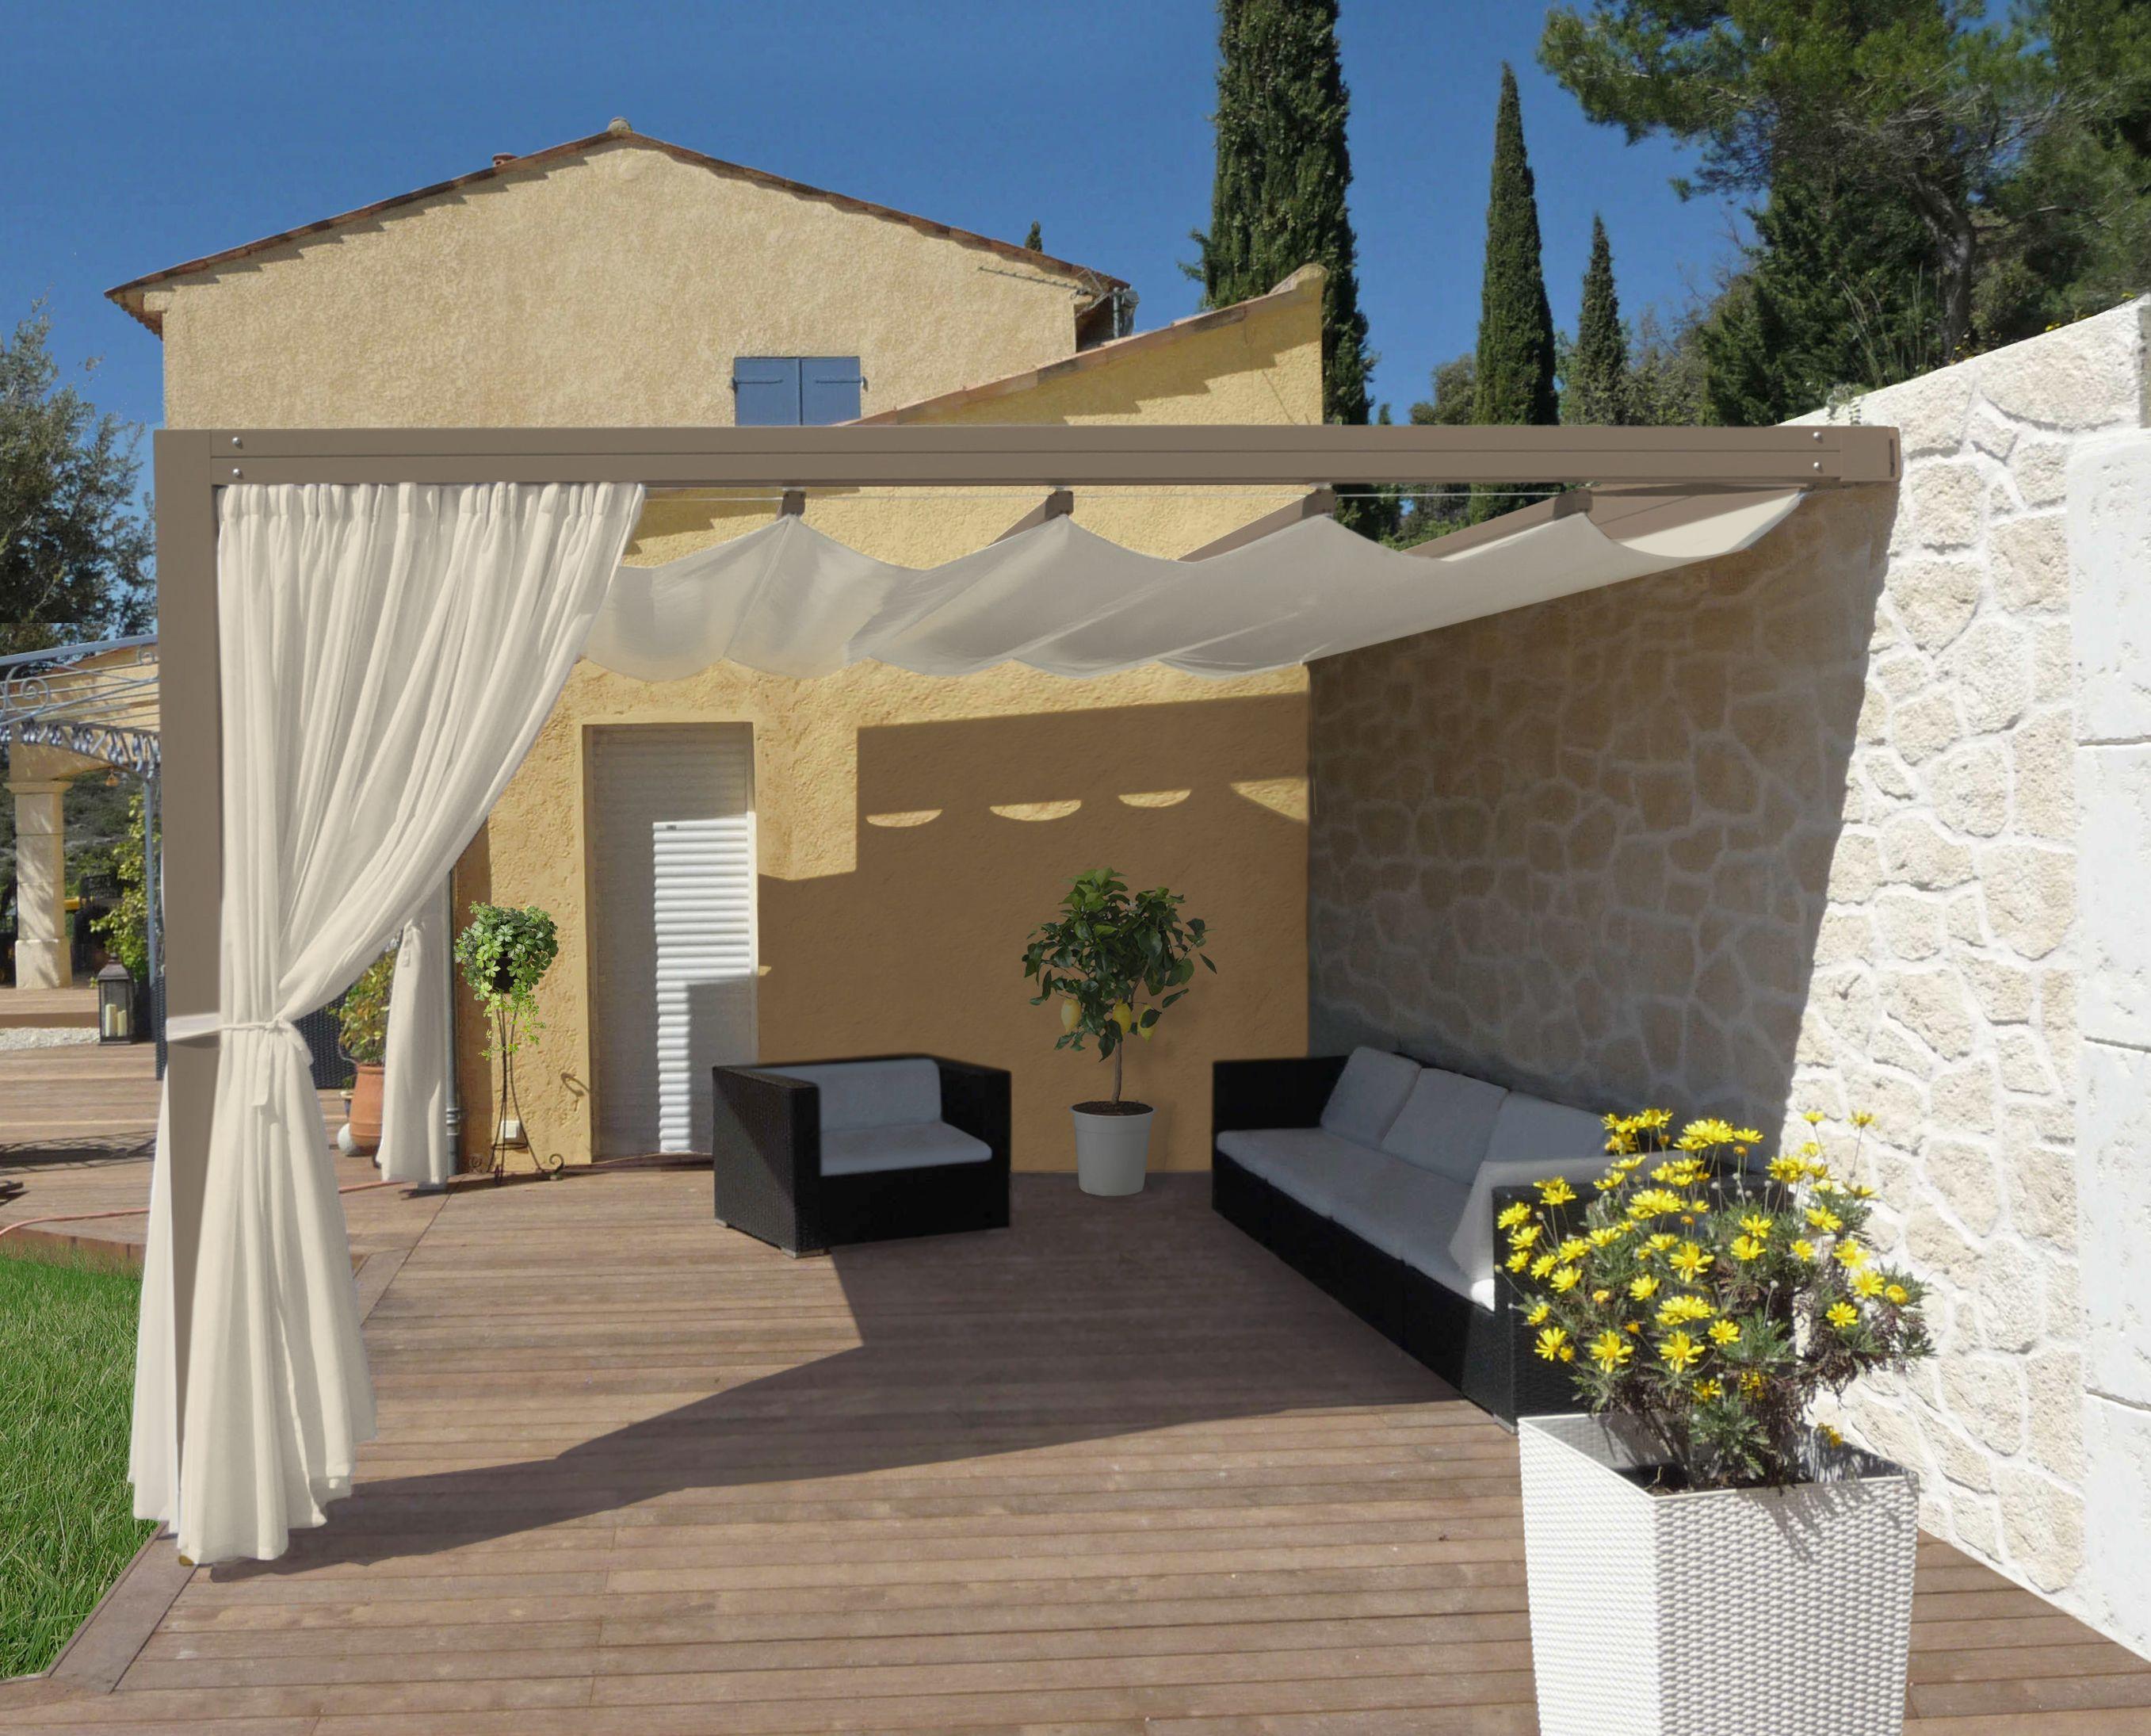 Onda Pergola Pergola Plans Design Canopy Outdoor